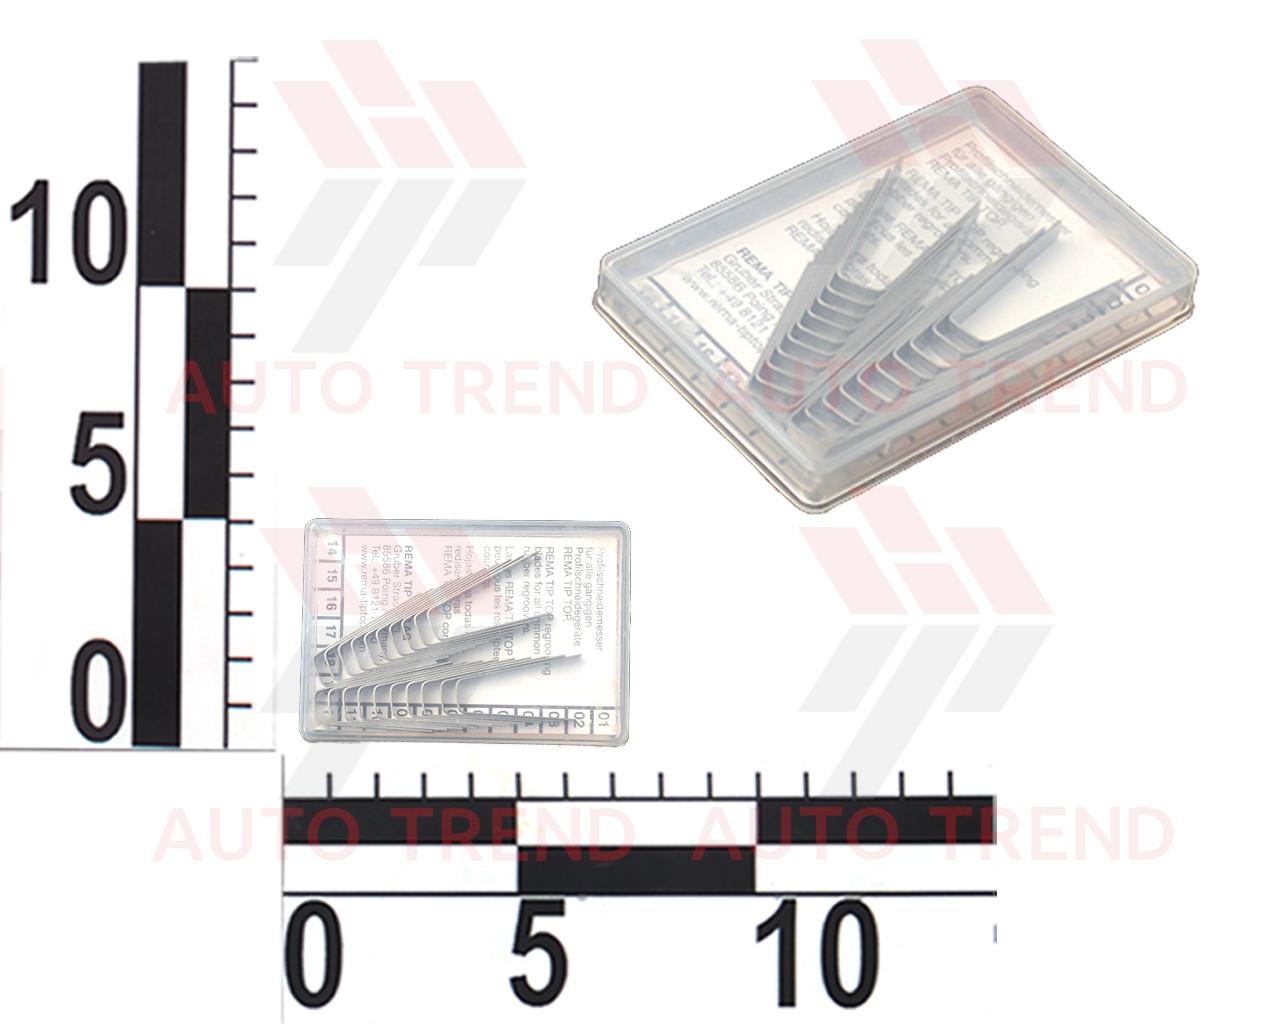 Ножи для нарезки протектора WFix3 ширина реза 6-8мм, глубина 10мм, уп. 20 шт., Германия